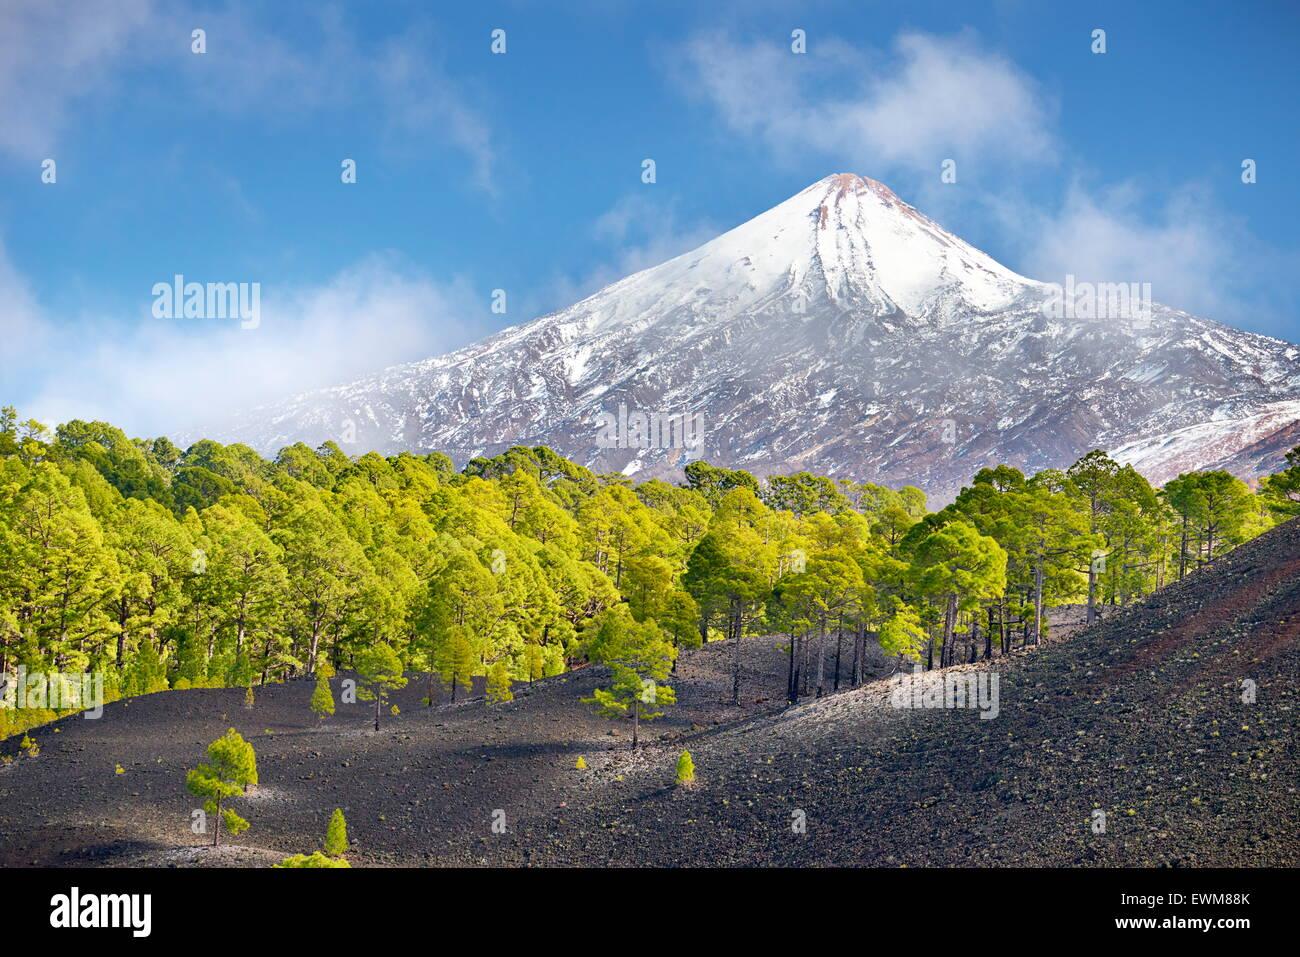 Blick auf Teide Vulkan Mount, Teneriffa, Kanarische Inseln, Spanien Stockfoto